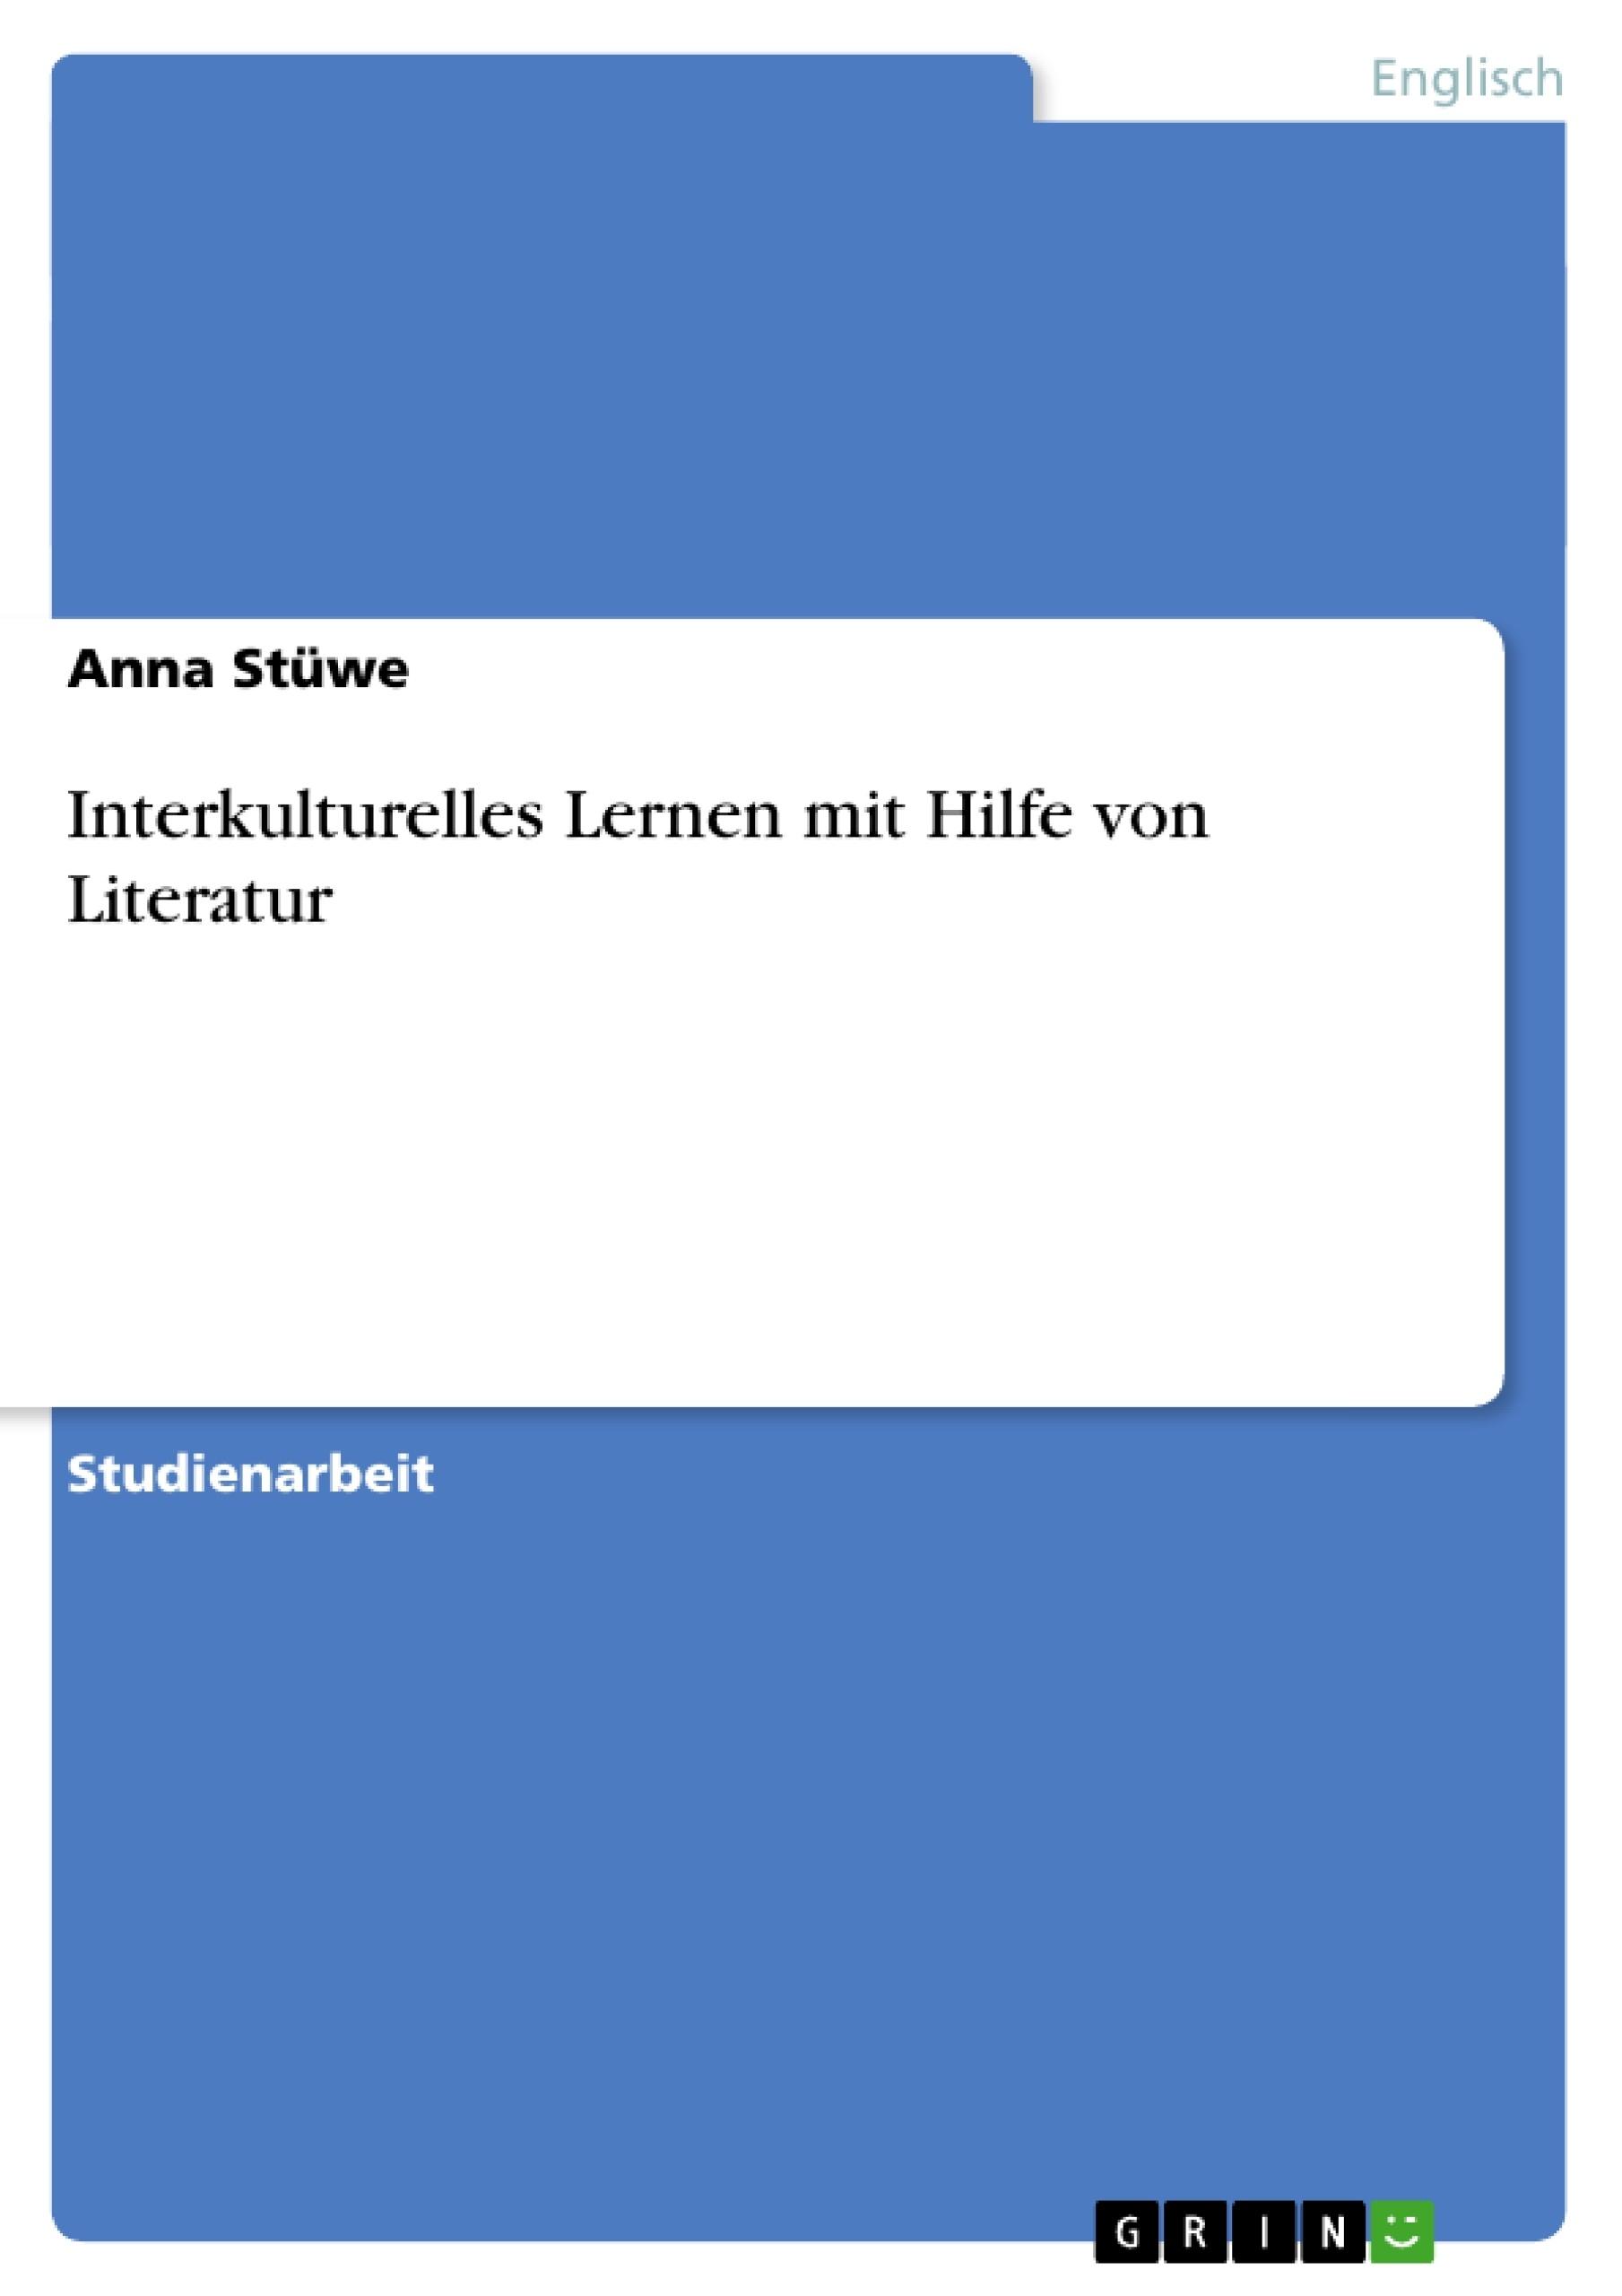 Titel: Interkulturelles Lernen mit Hilfe von Literatur